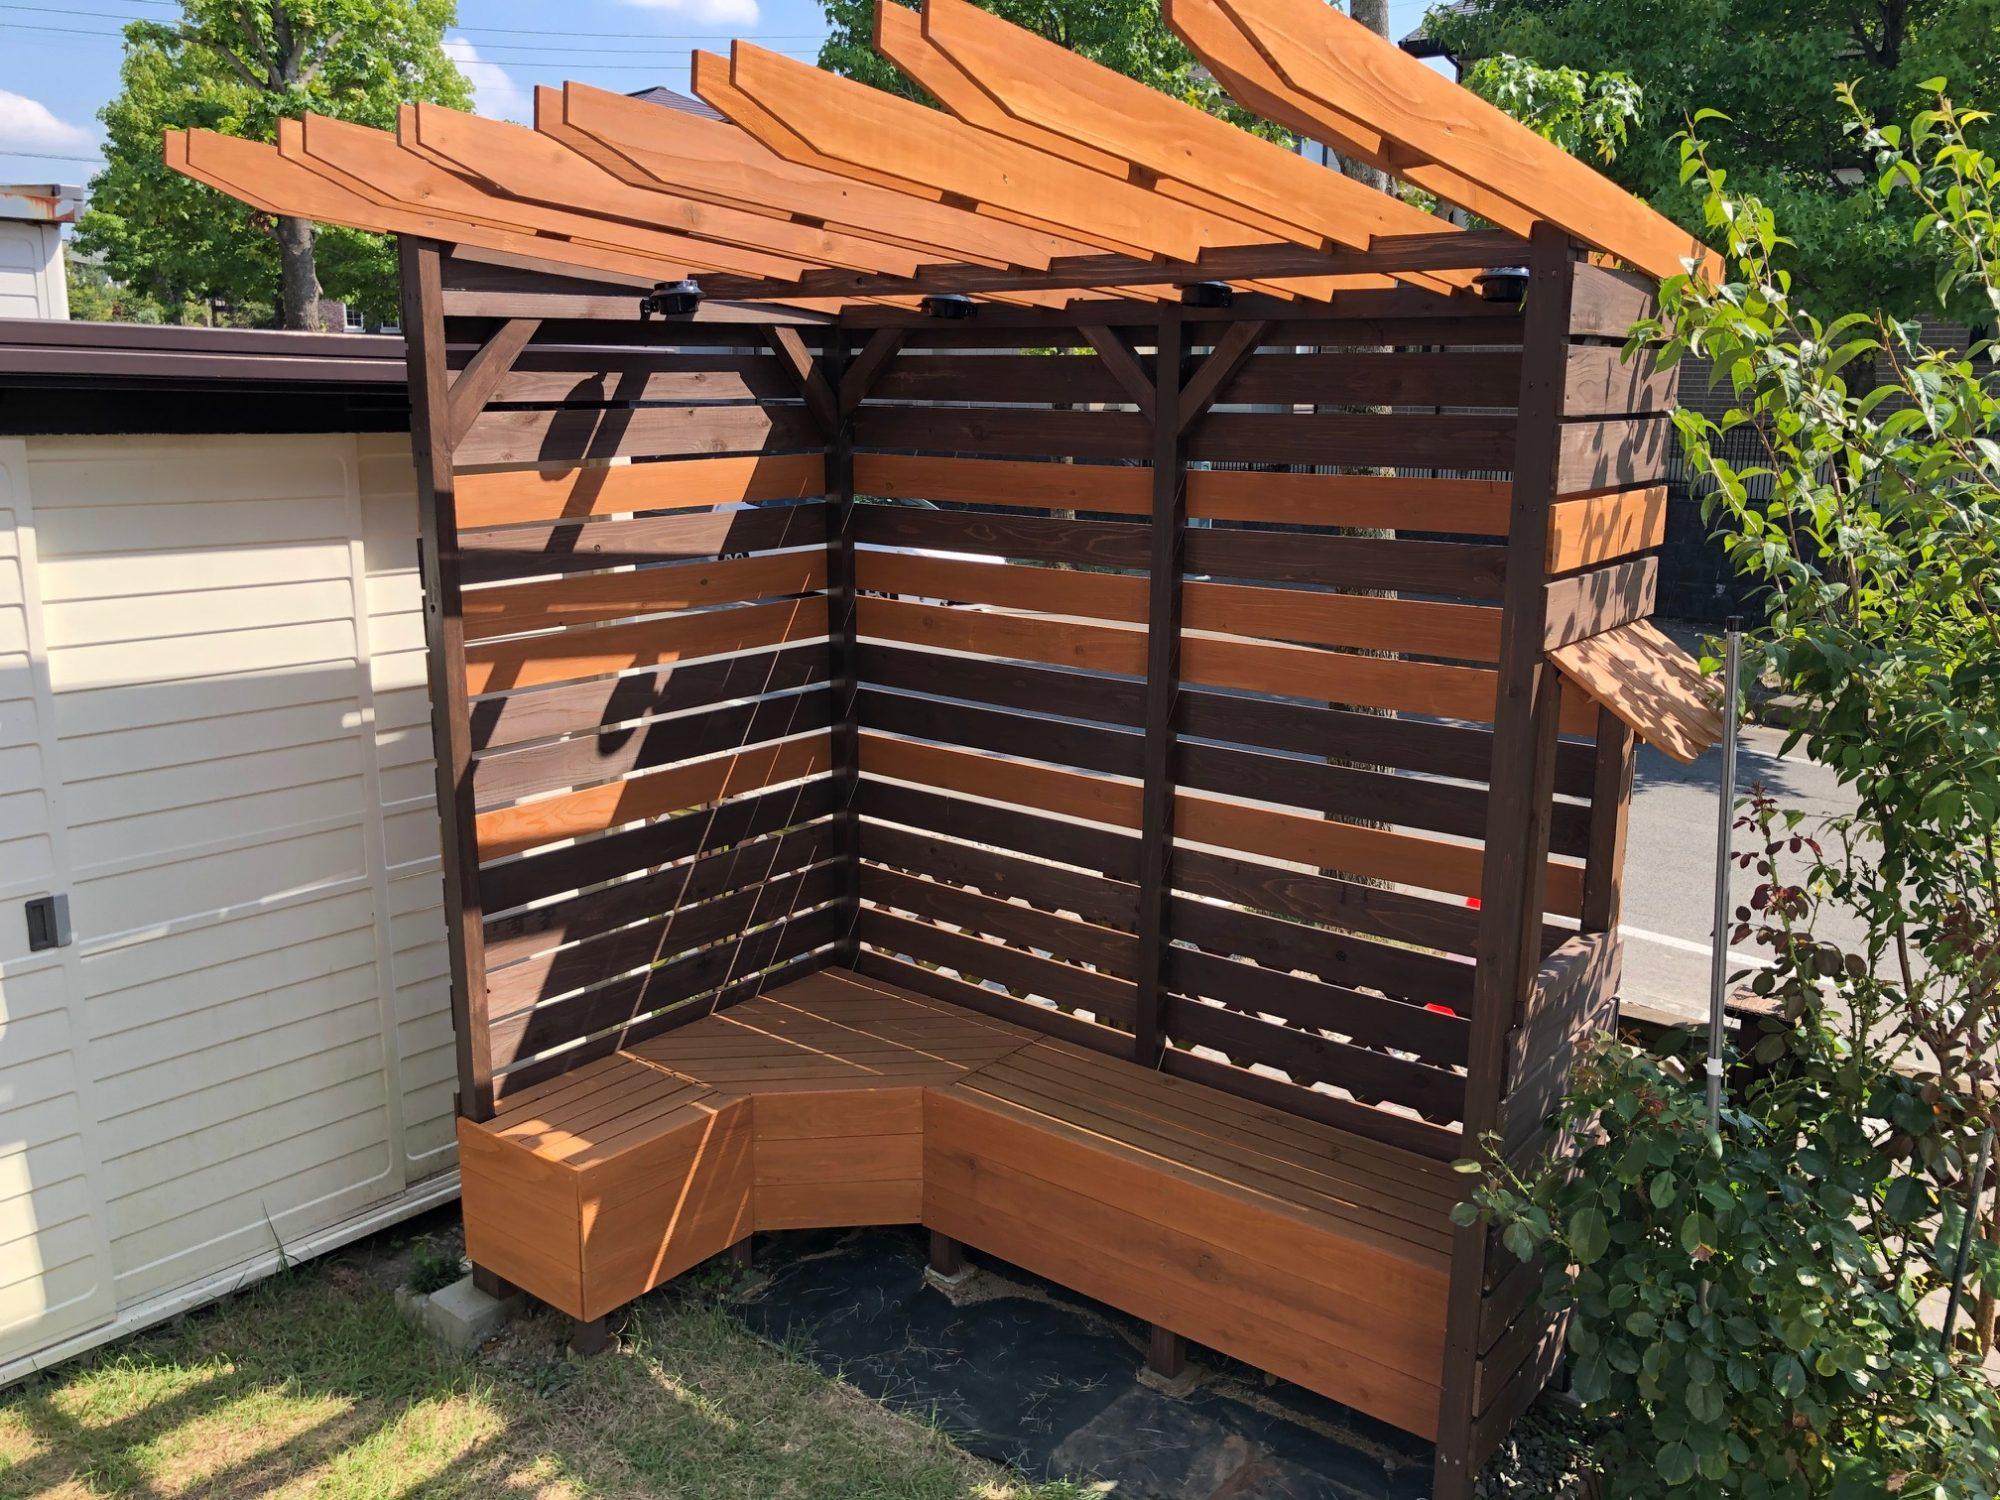 Diy パーゴラ パーゴラを基礎から屋根までDIY!庭におしゃれ空間ができた